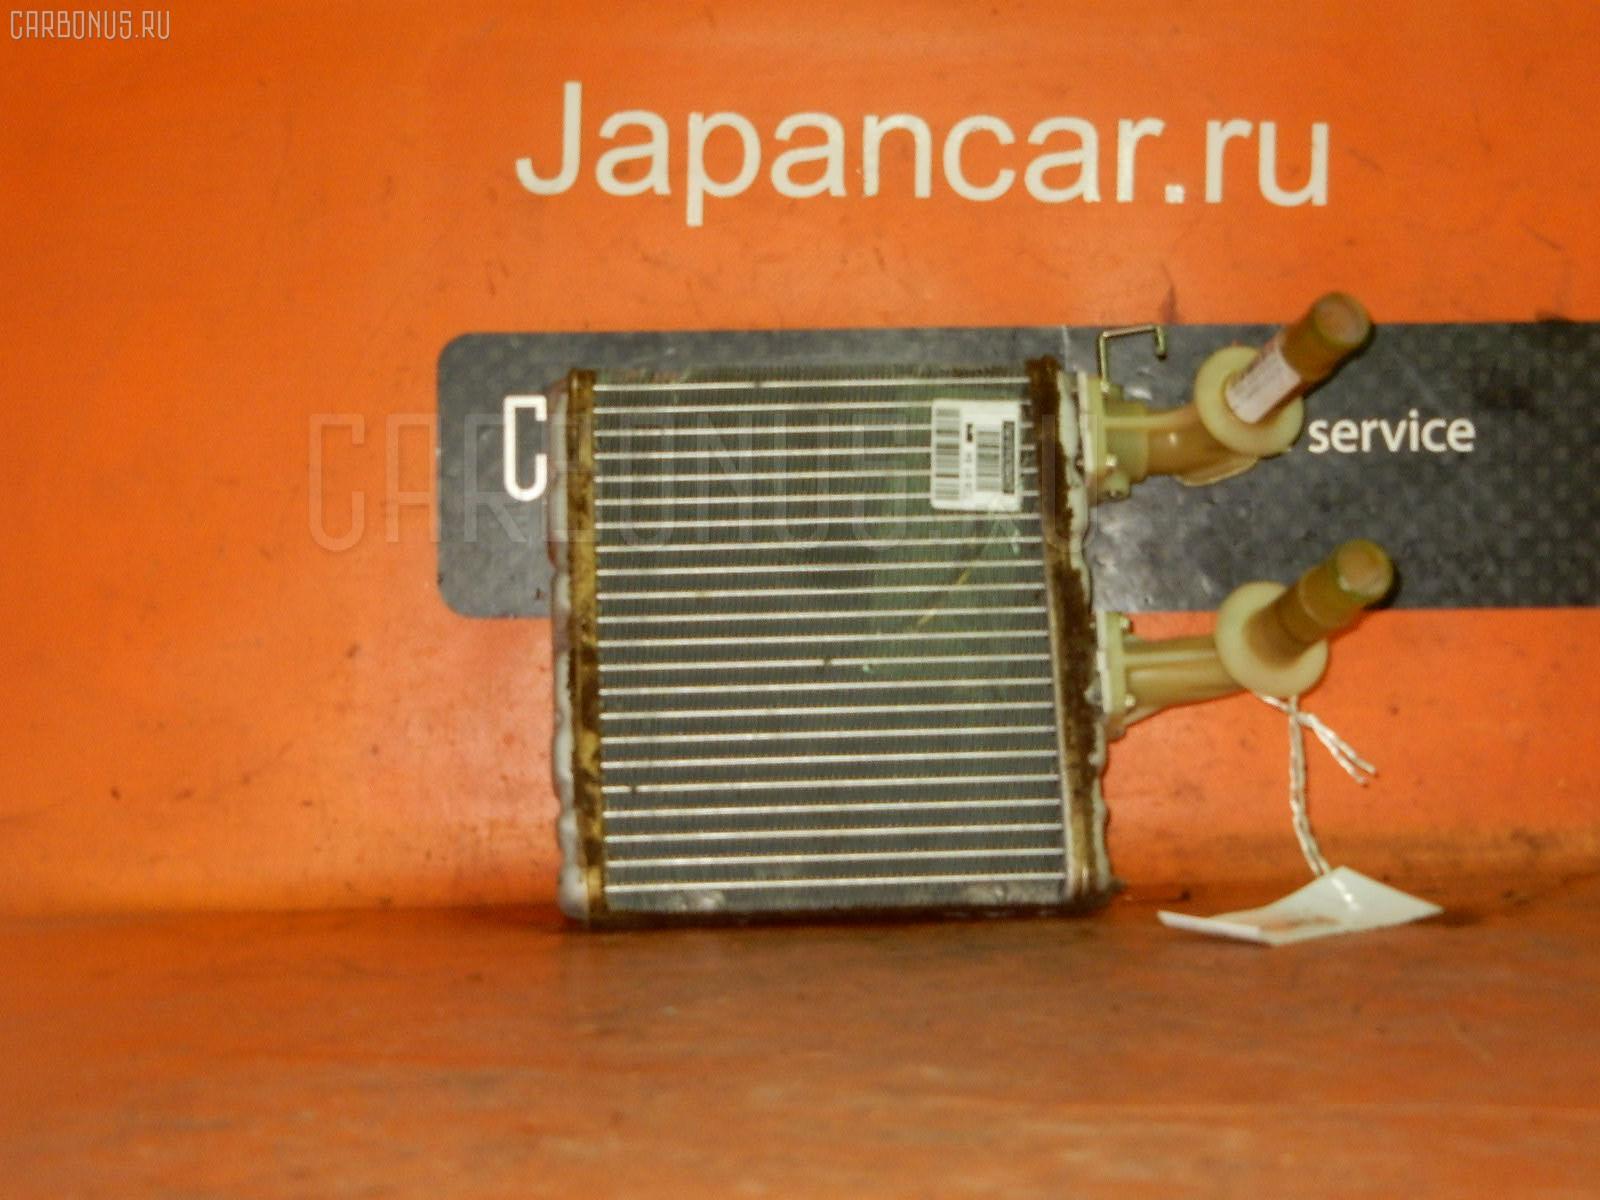 Радиатор печки NISSAN PULSAR FN15 GA15DE Фото 2